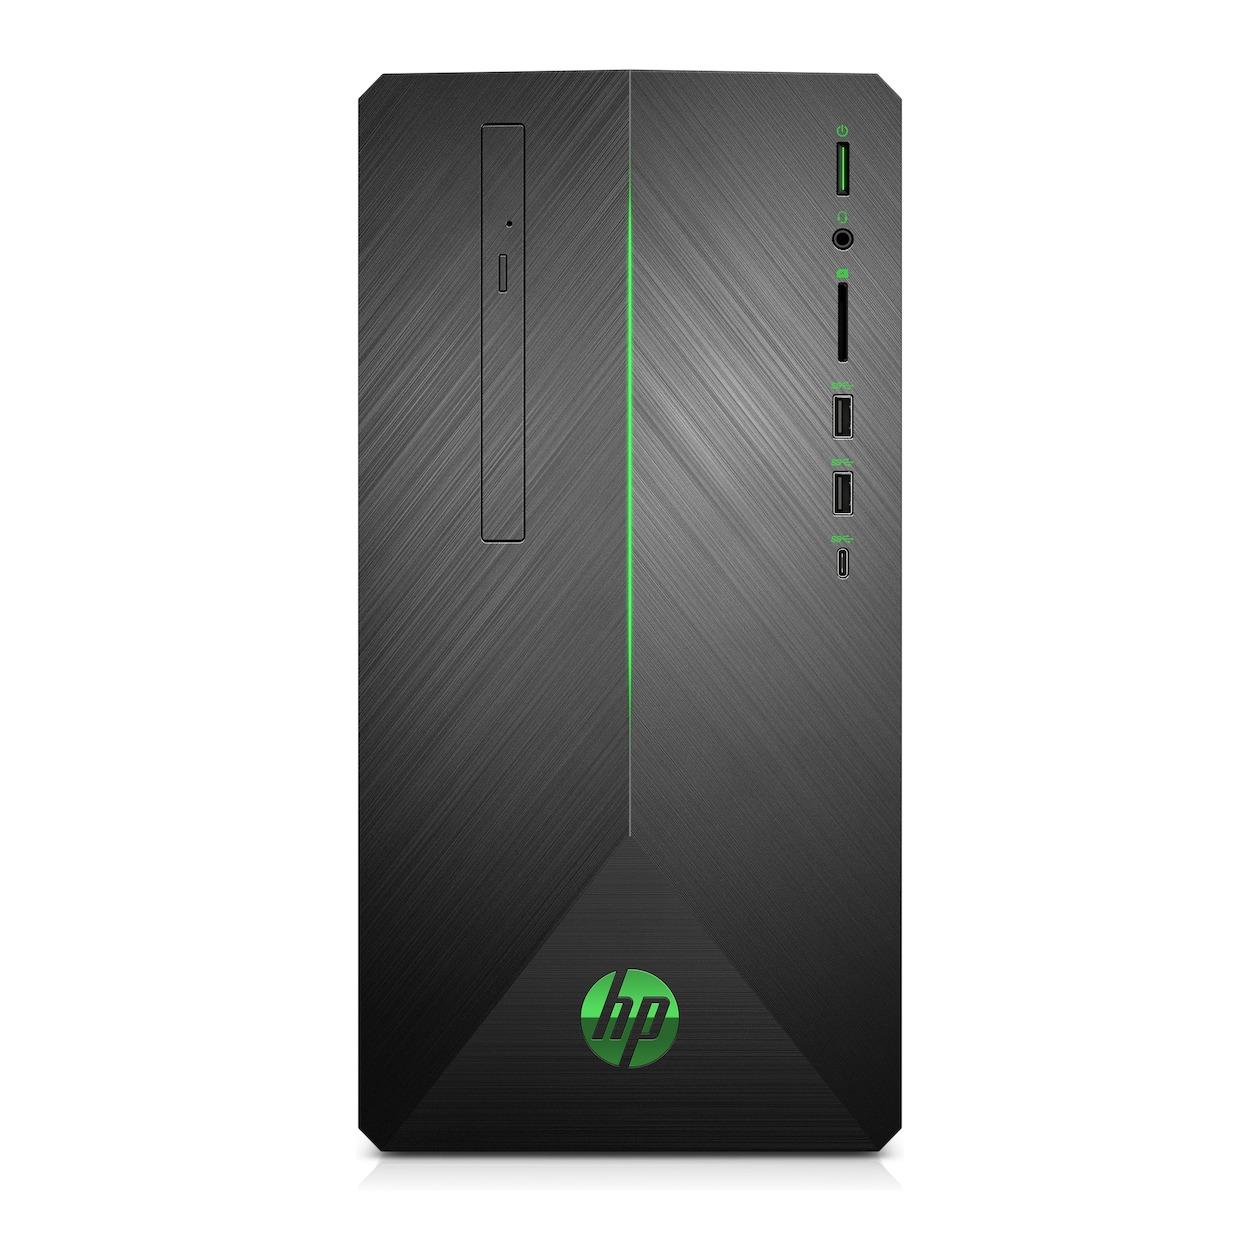 HP desktop Pavilion Gaming 690-0671nd